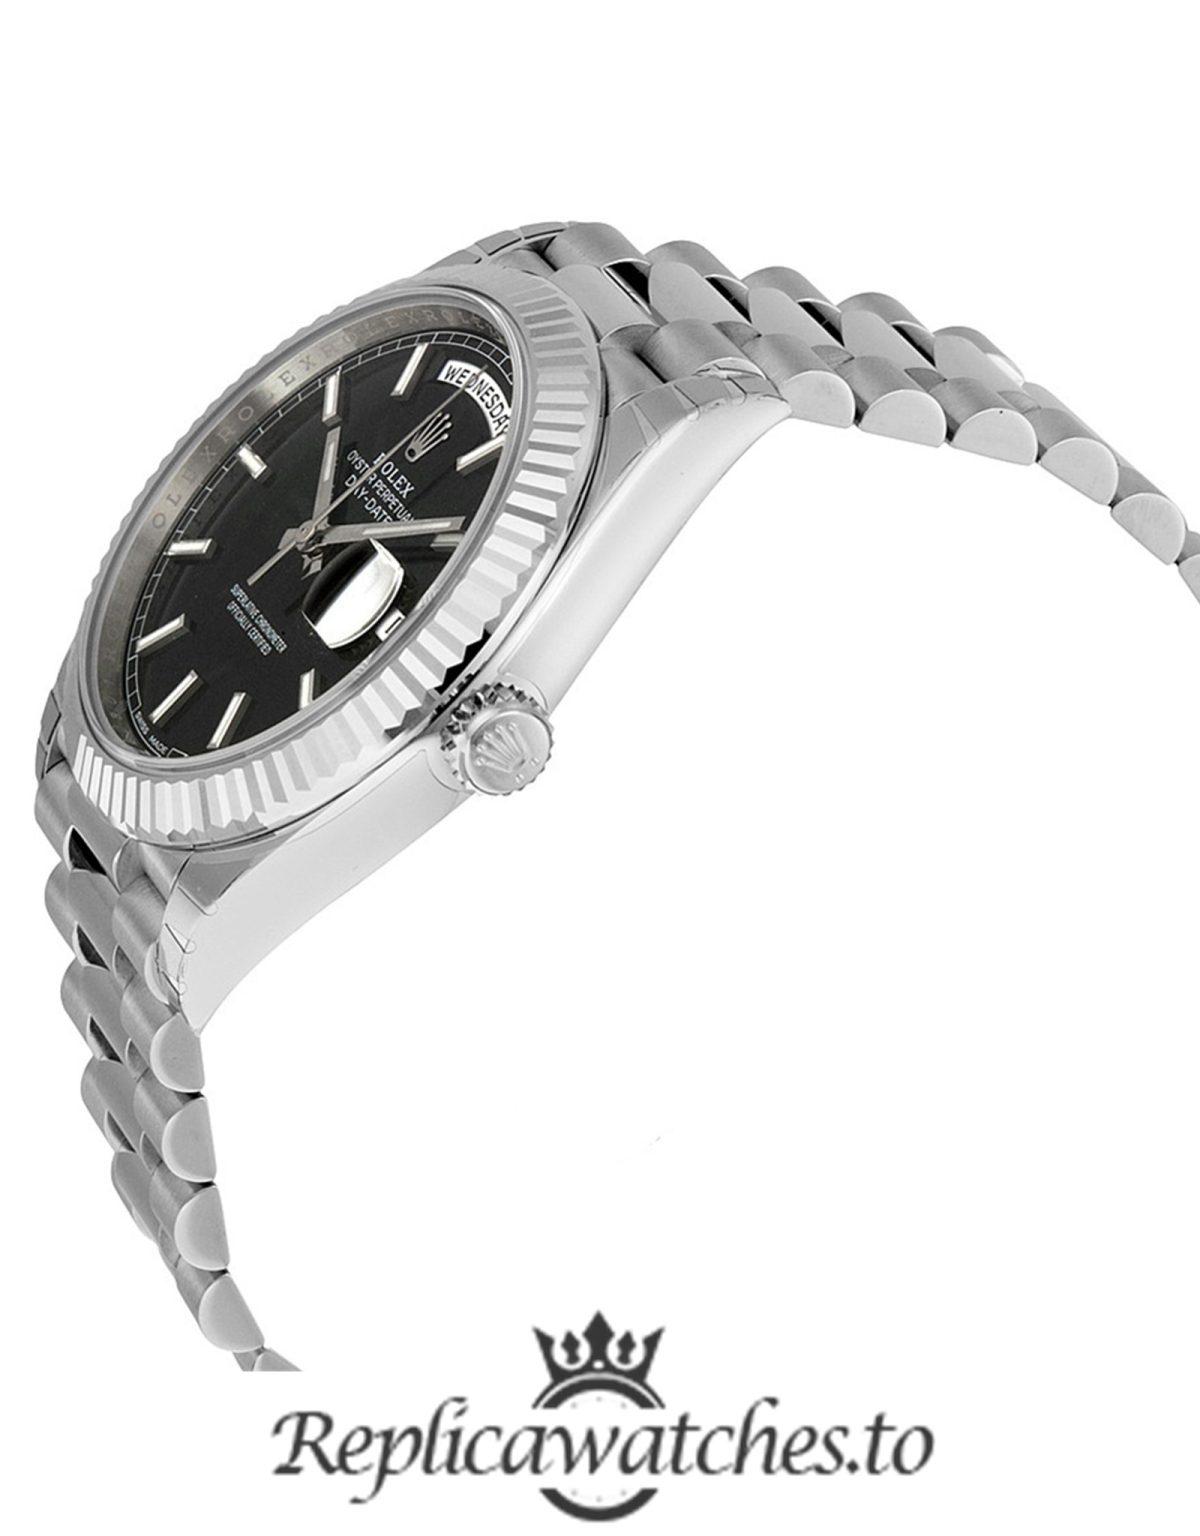 Rolex Day Date Replica 228239 White Gold Strap 40MM